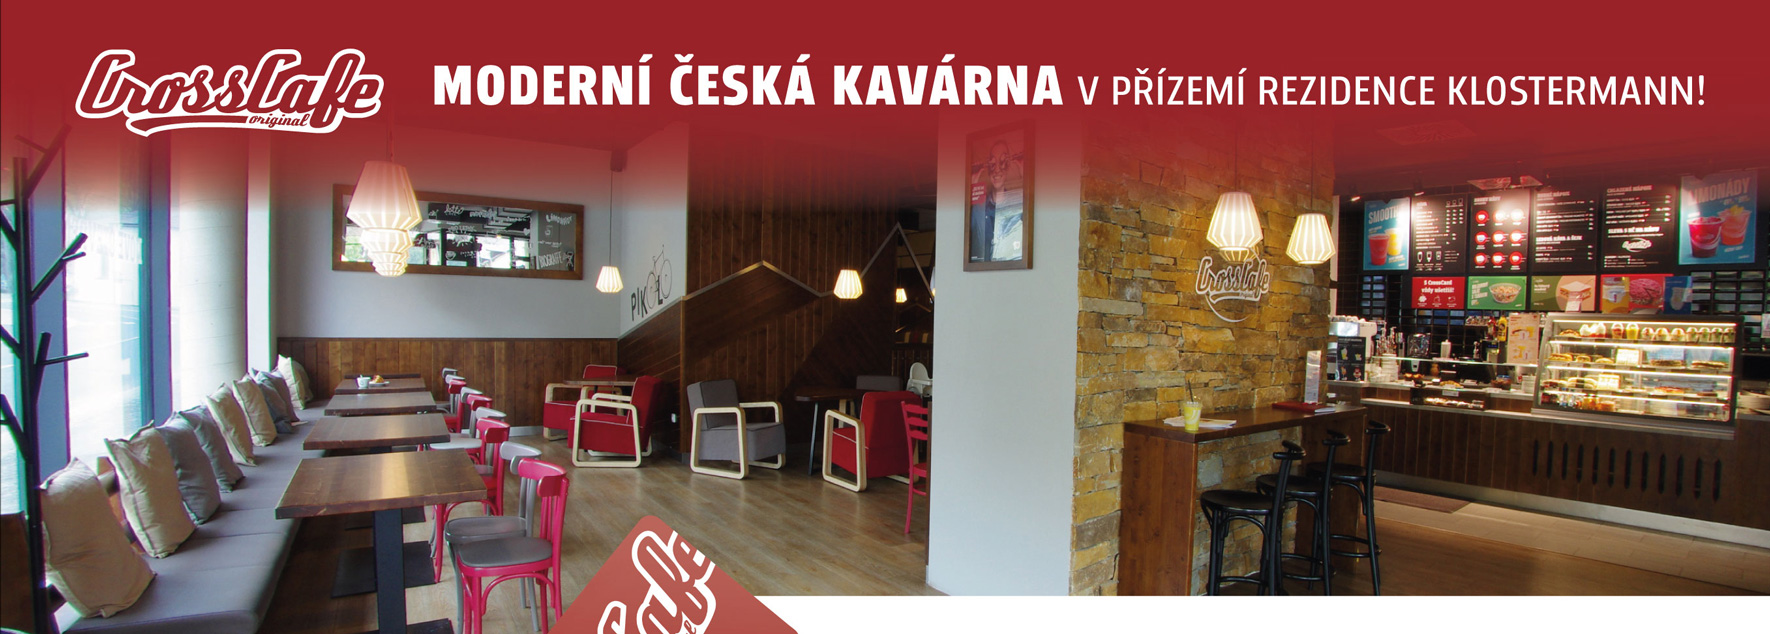 Rezidence-Klostermann-Crosscafe-Zelezna-Ruda-2